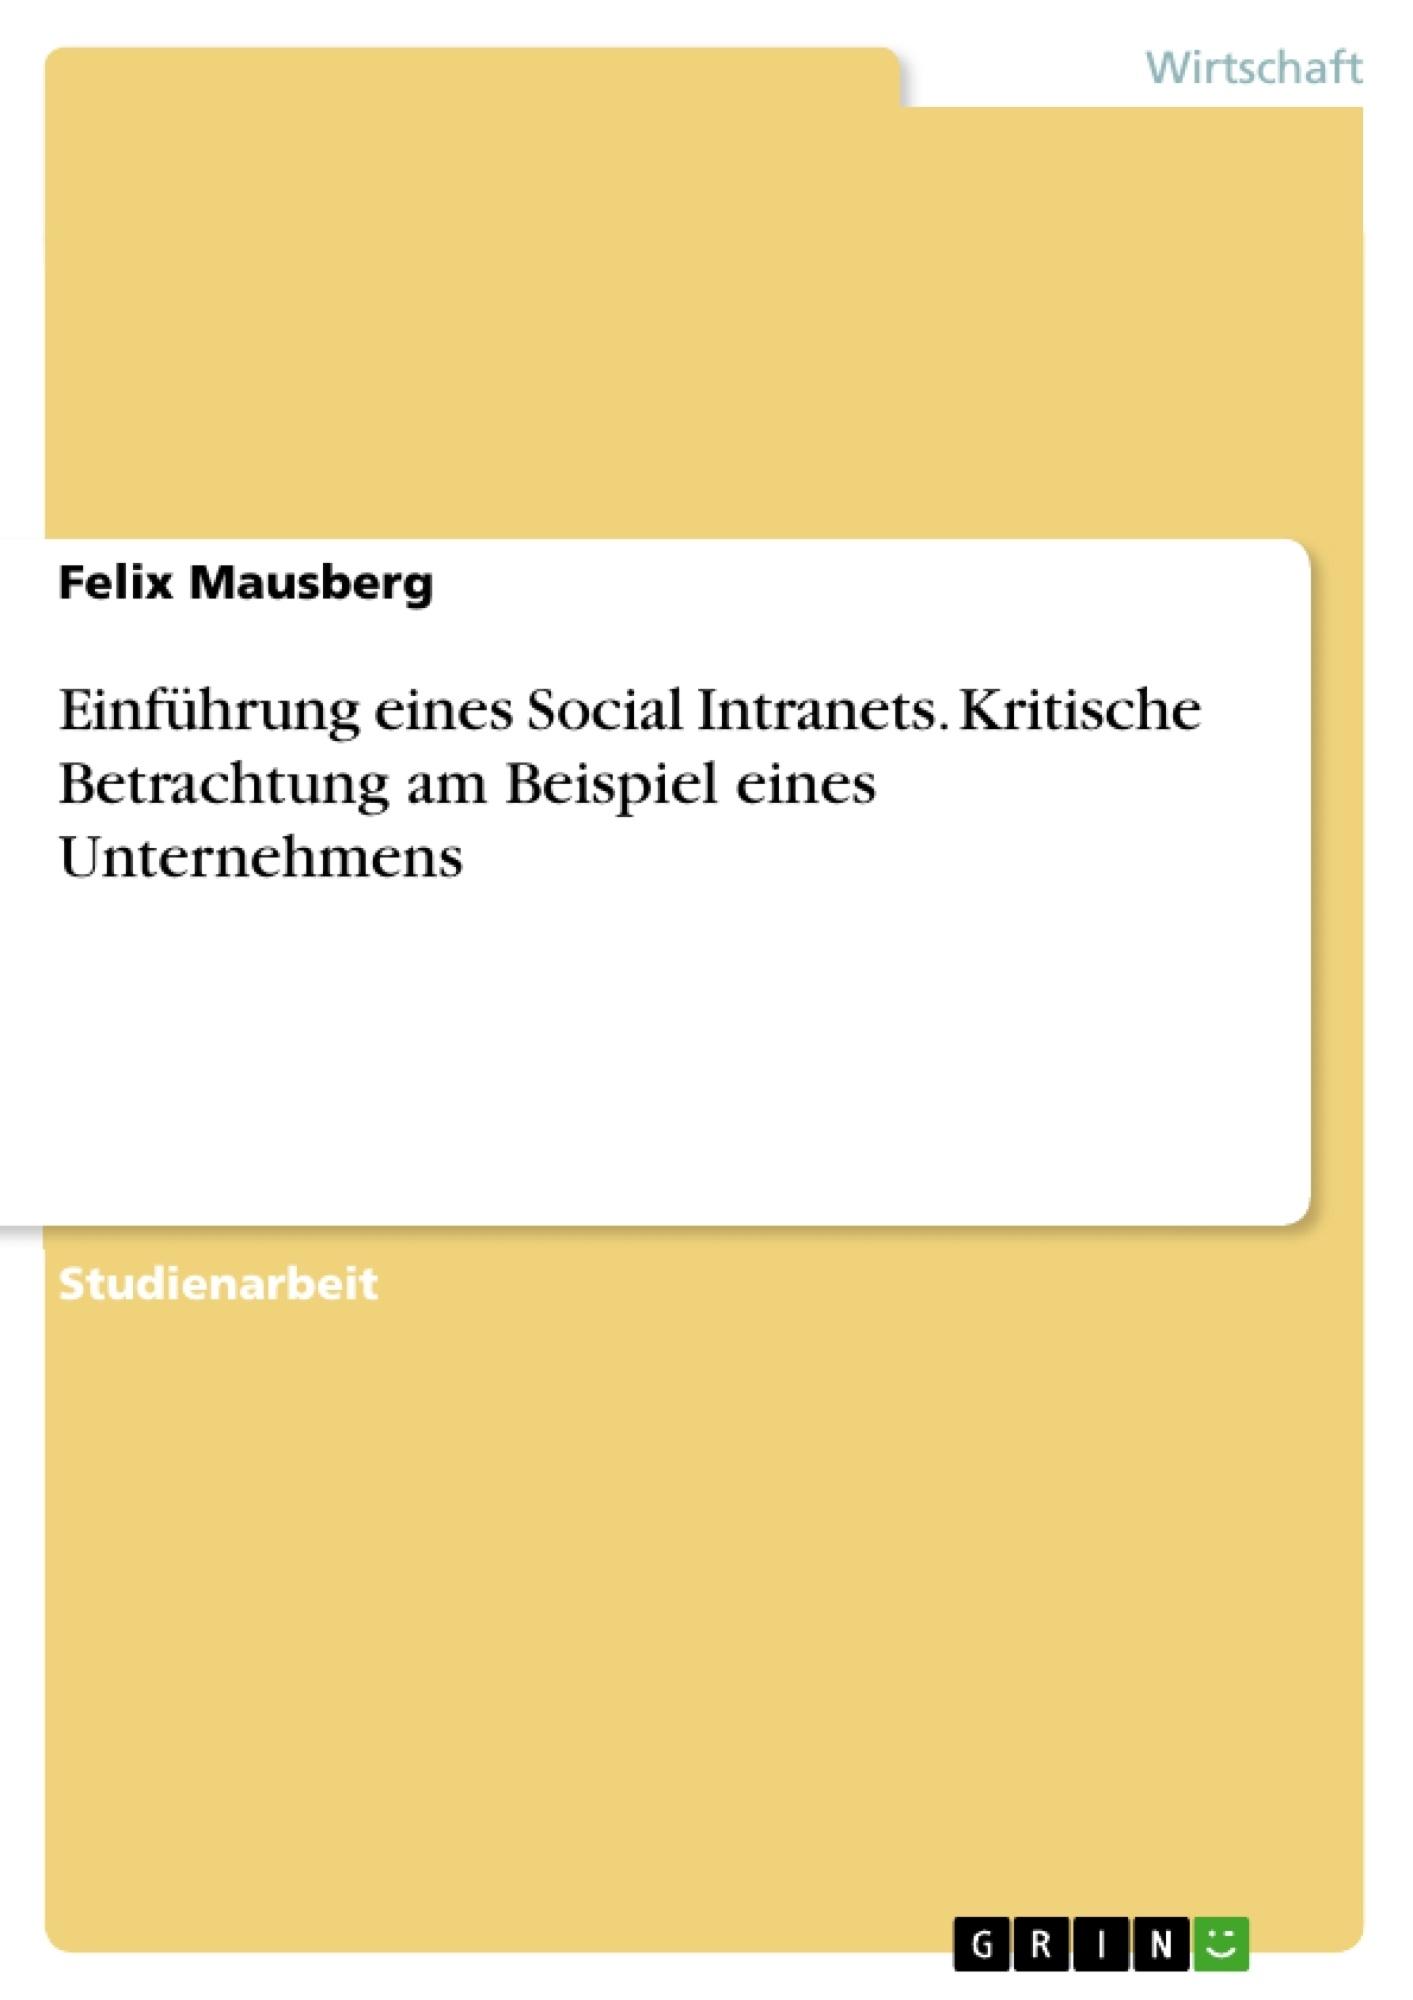 Titel: Einführung eines Social Intranets. Kritische Betrachtung am Beispiel eines Unternehmens